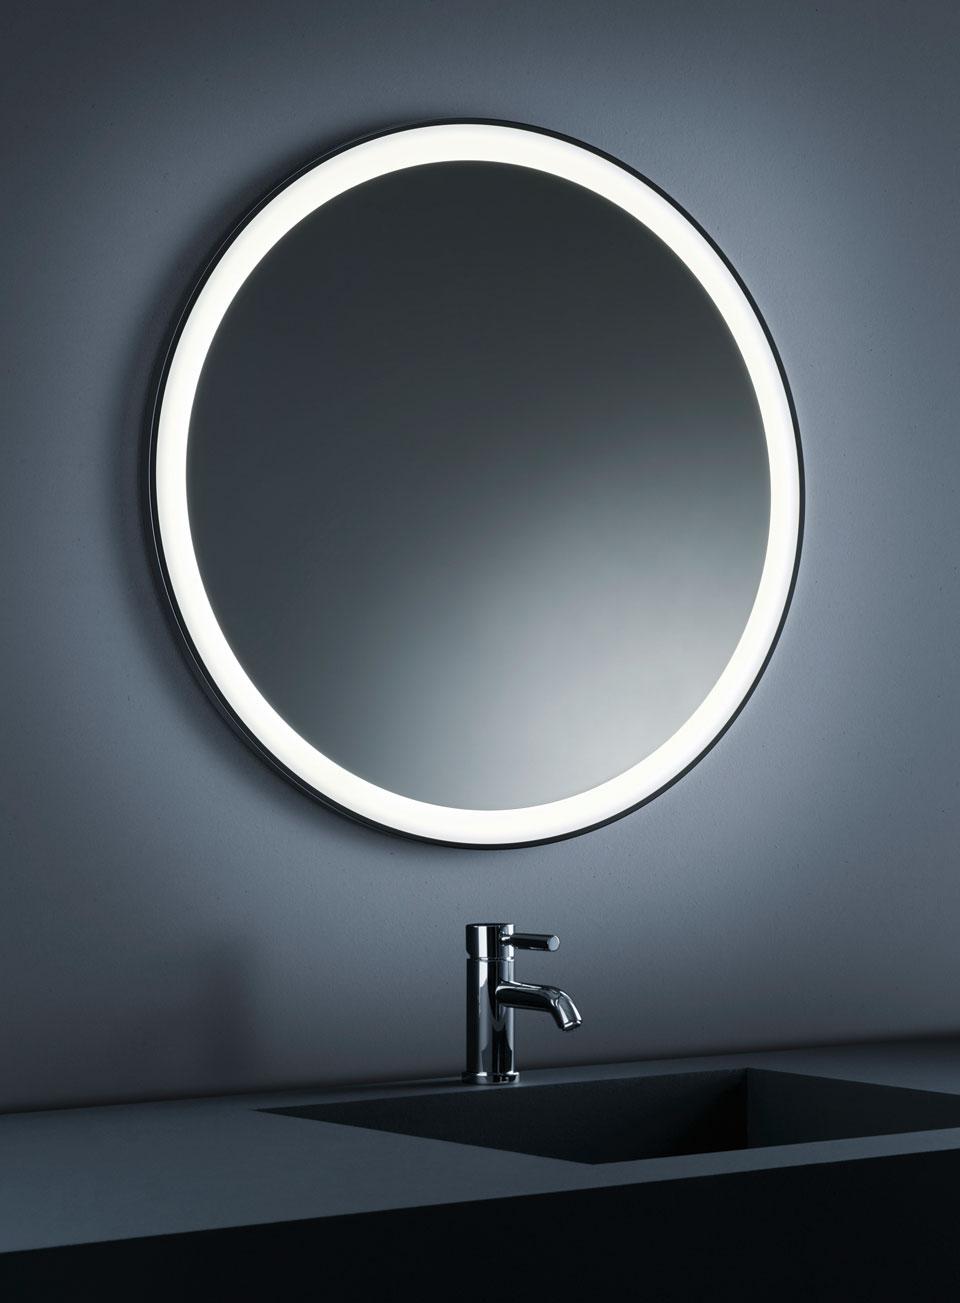 Miroir Eclairant Salle De Bain miroir lumineux à éclairage led, protection ip44